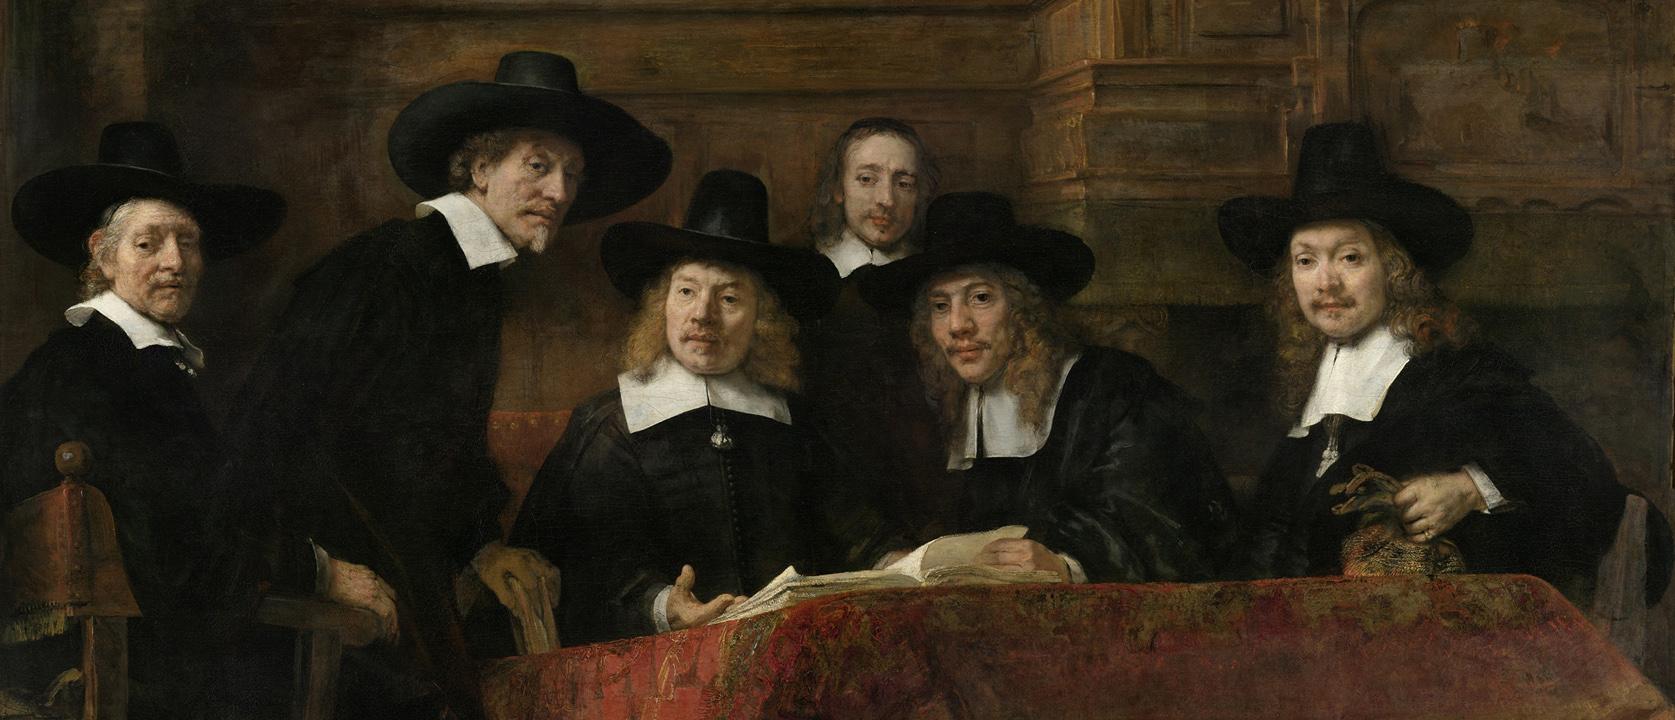 Rembrandt-van-Rijn-De-waardijns-van-het-Amsterdamse-lakenbereidersgilde-bekend-als-De-Staalmeesters-1662-sl